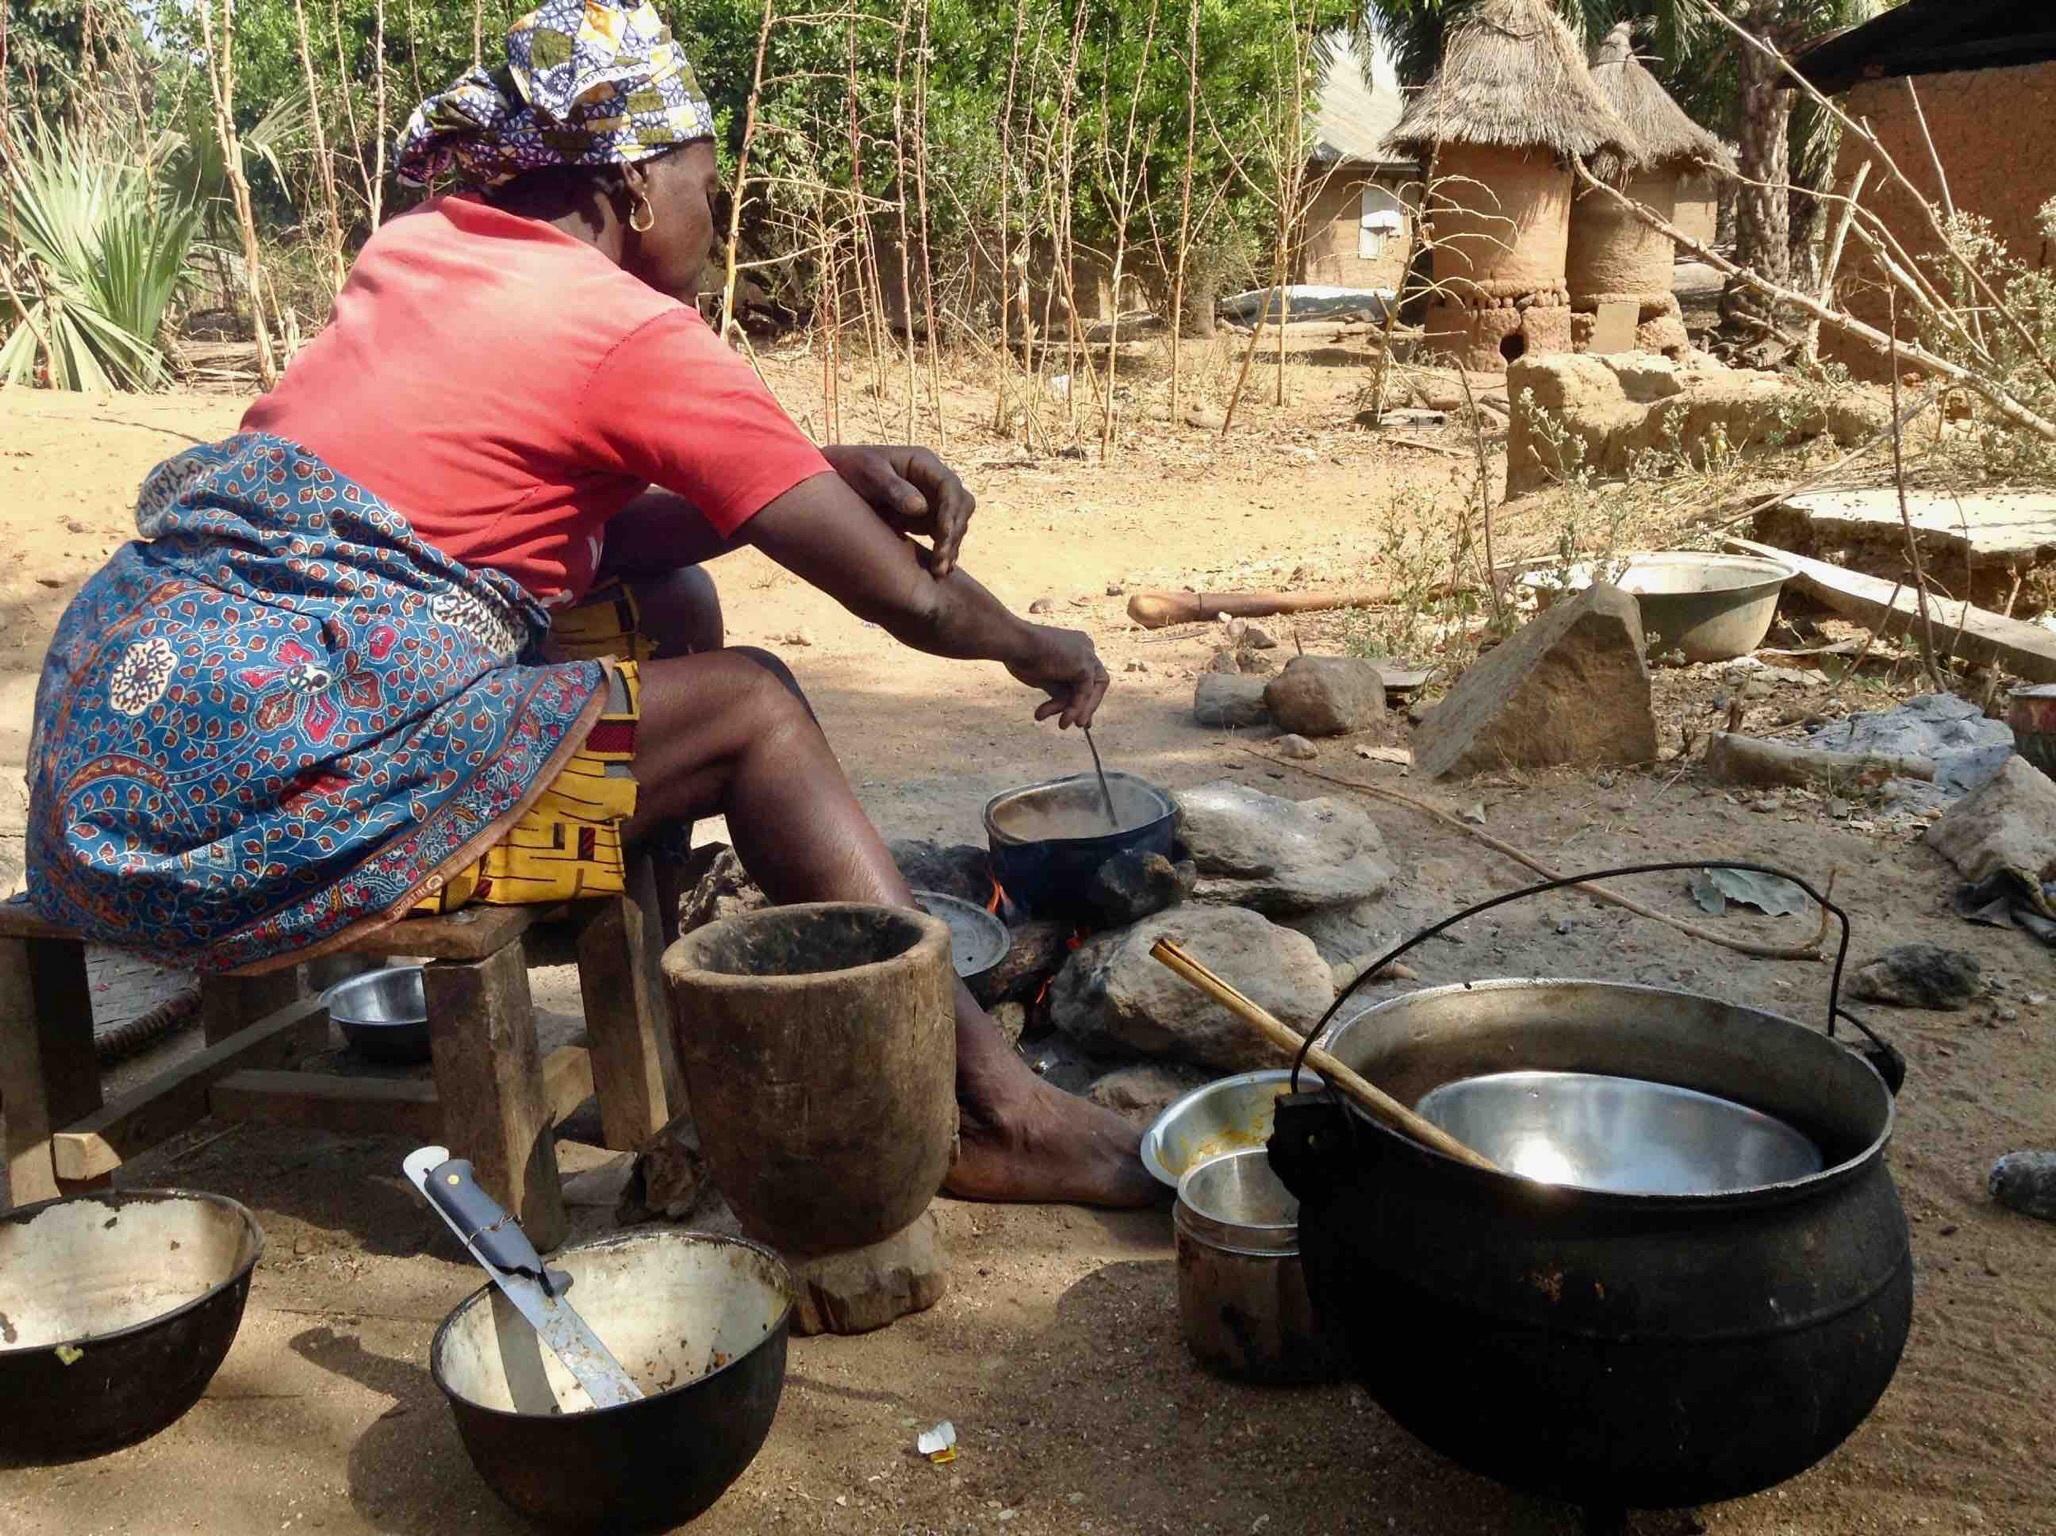 Eggon woman cooking lunch in Langa Langa Village, Nasarawa State, Nigeria. #JujuFilms